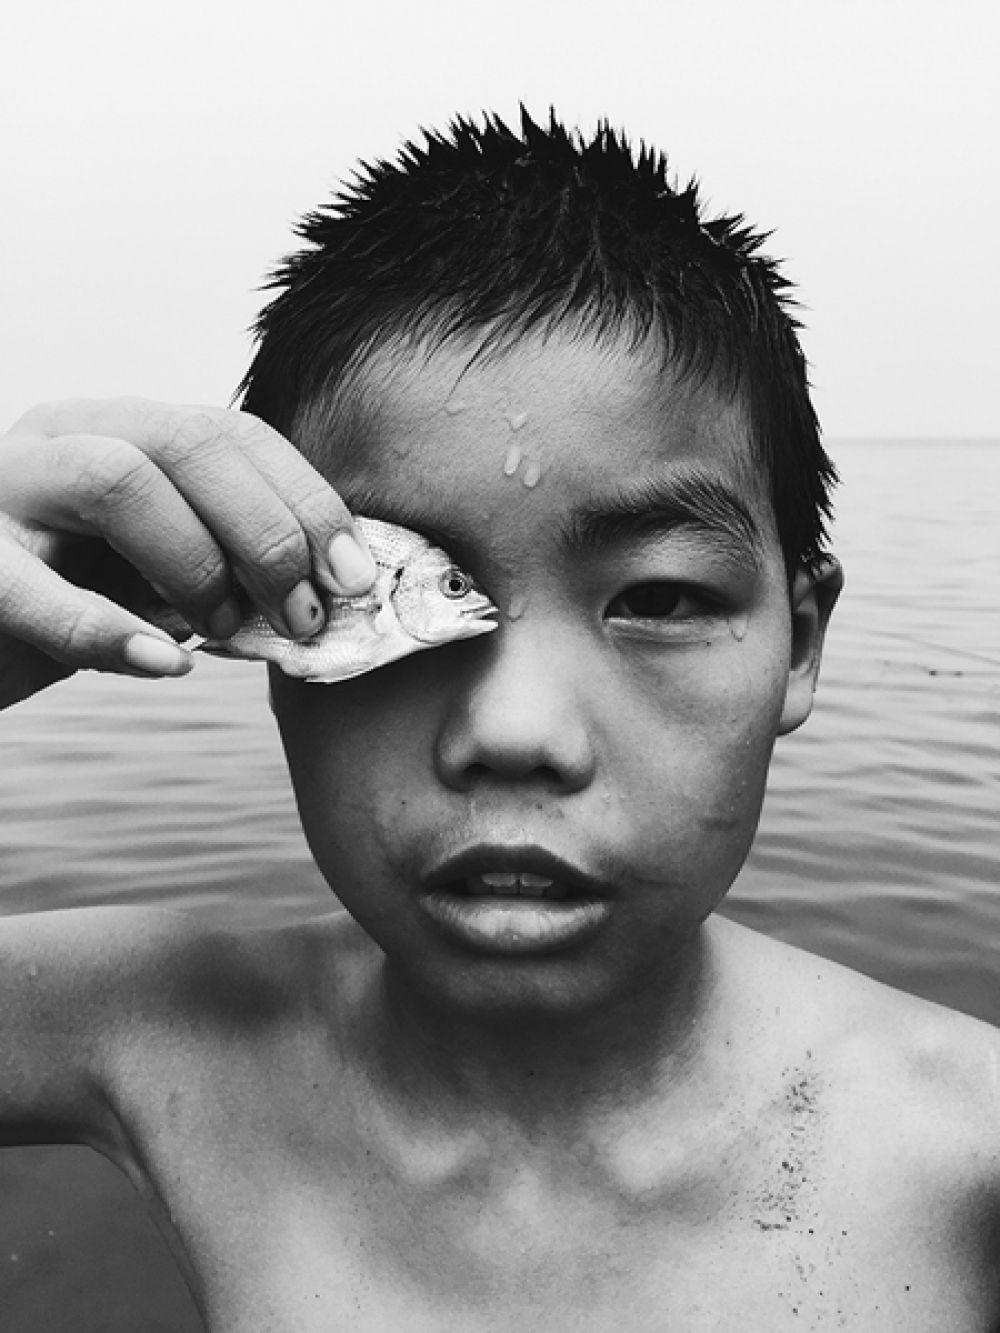 Ху А Пэн Чжао, Китай. 2-е место, фотограф года. С глазу на глаз. Снято на iPhone 6.